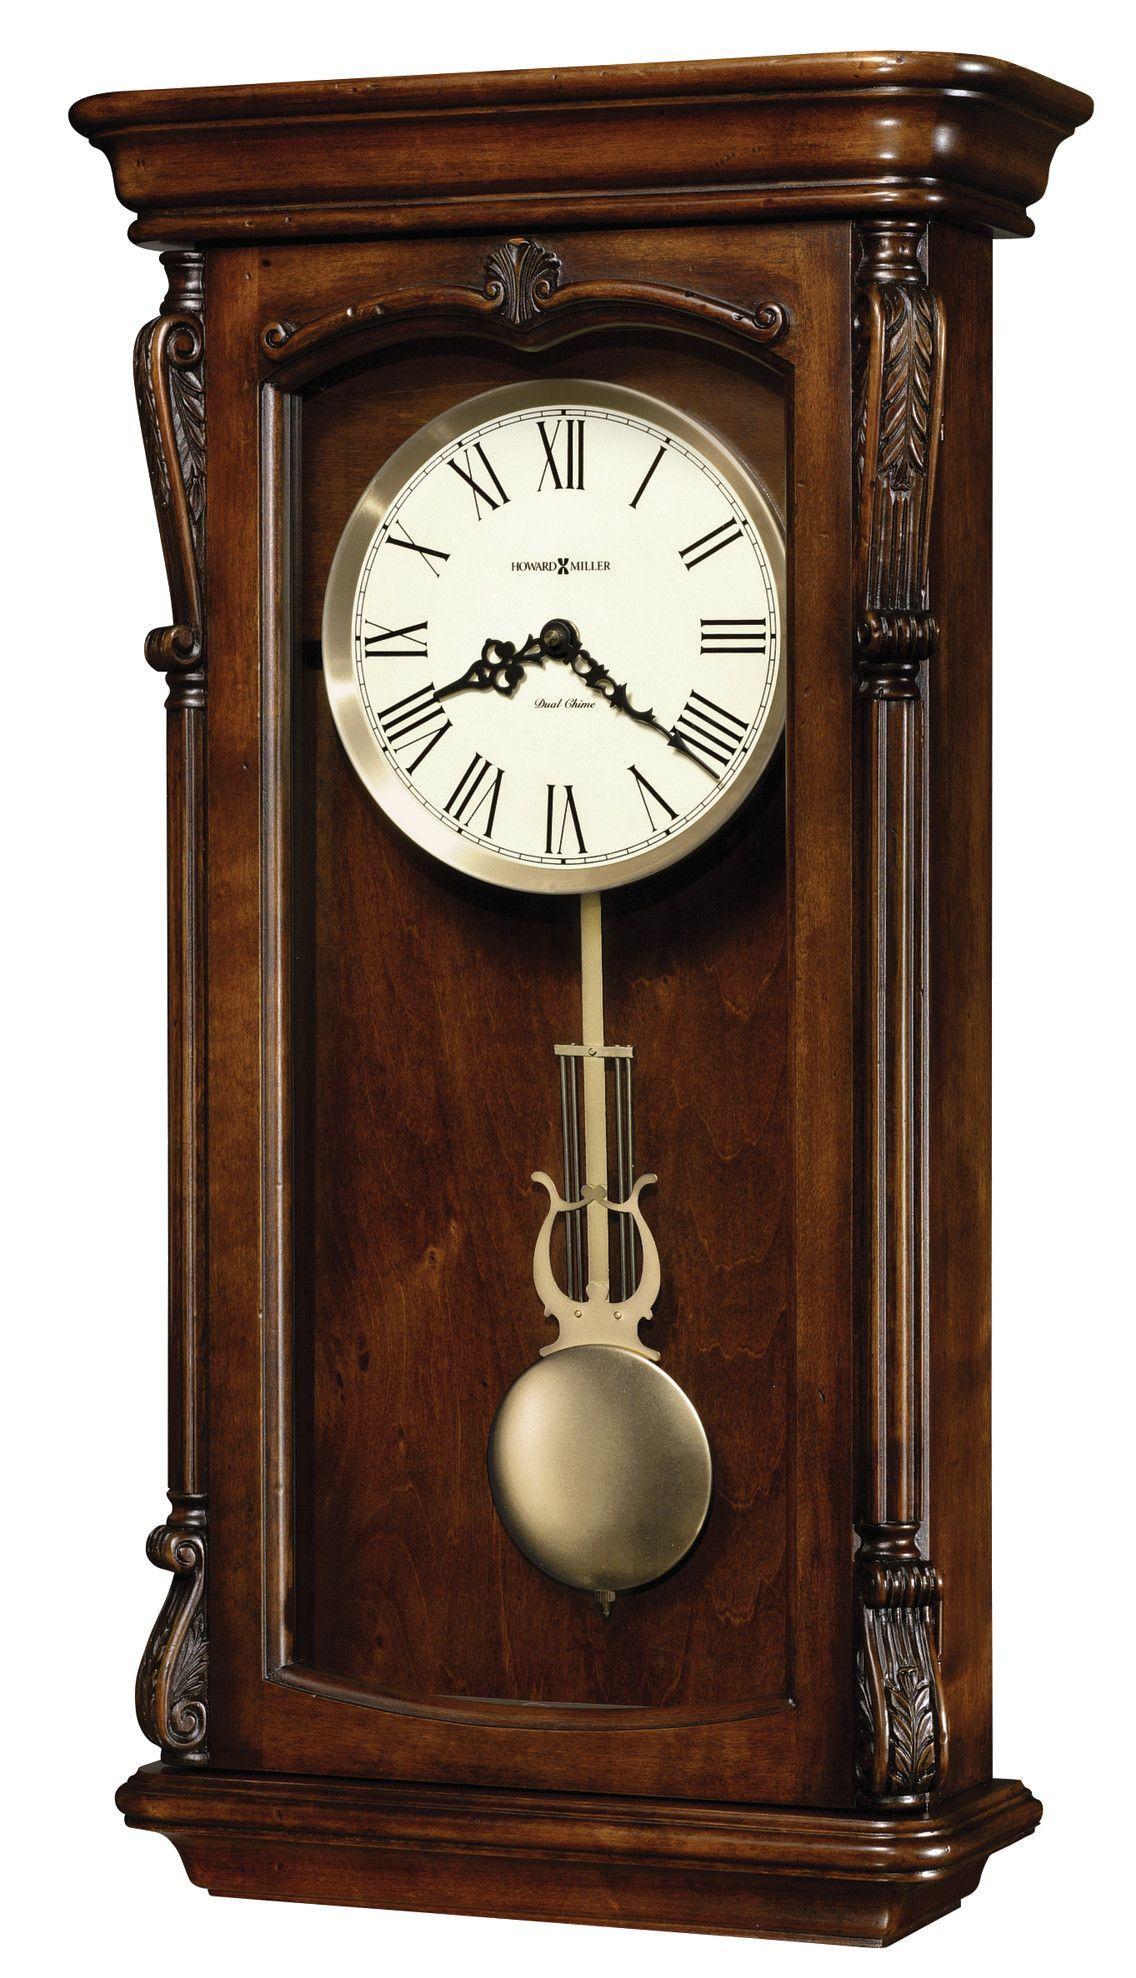 Henderson Wall Clock Chiming Wall Clocks Howard Miller Wall Clock Pendulum Wall Clock